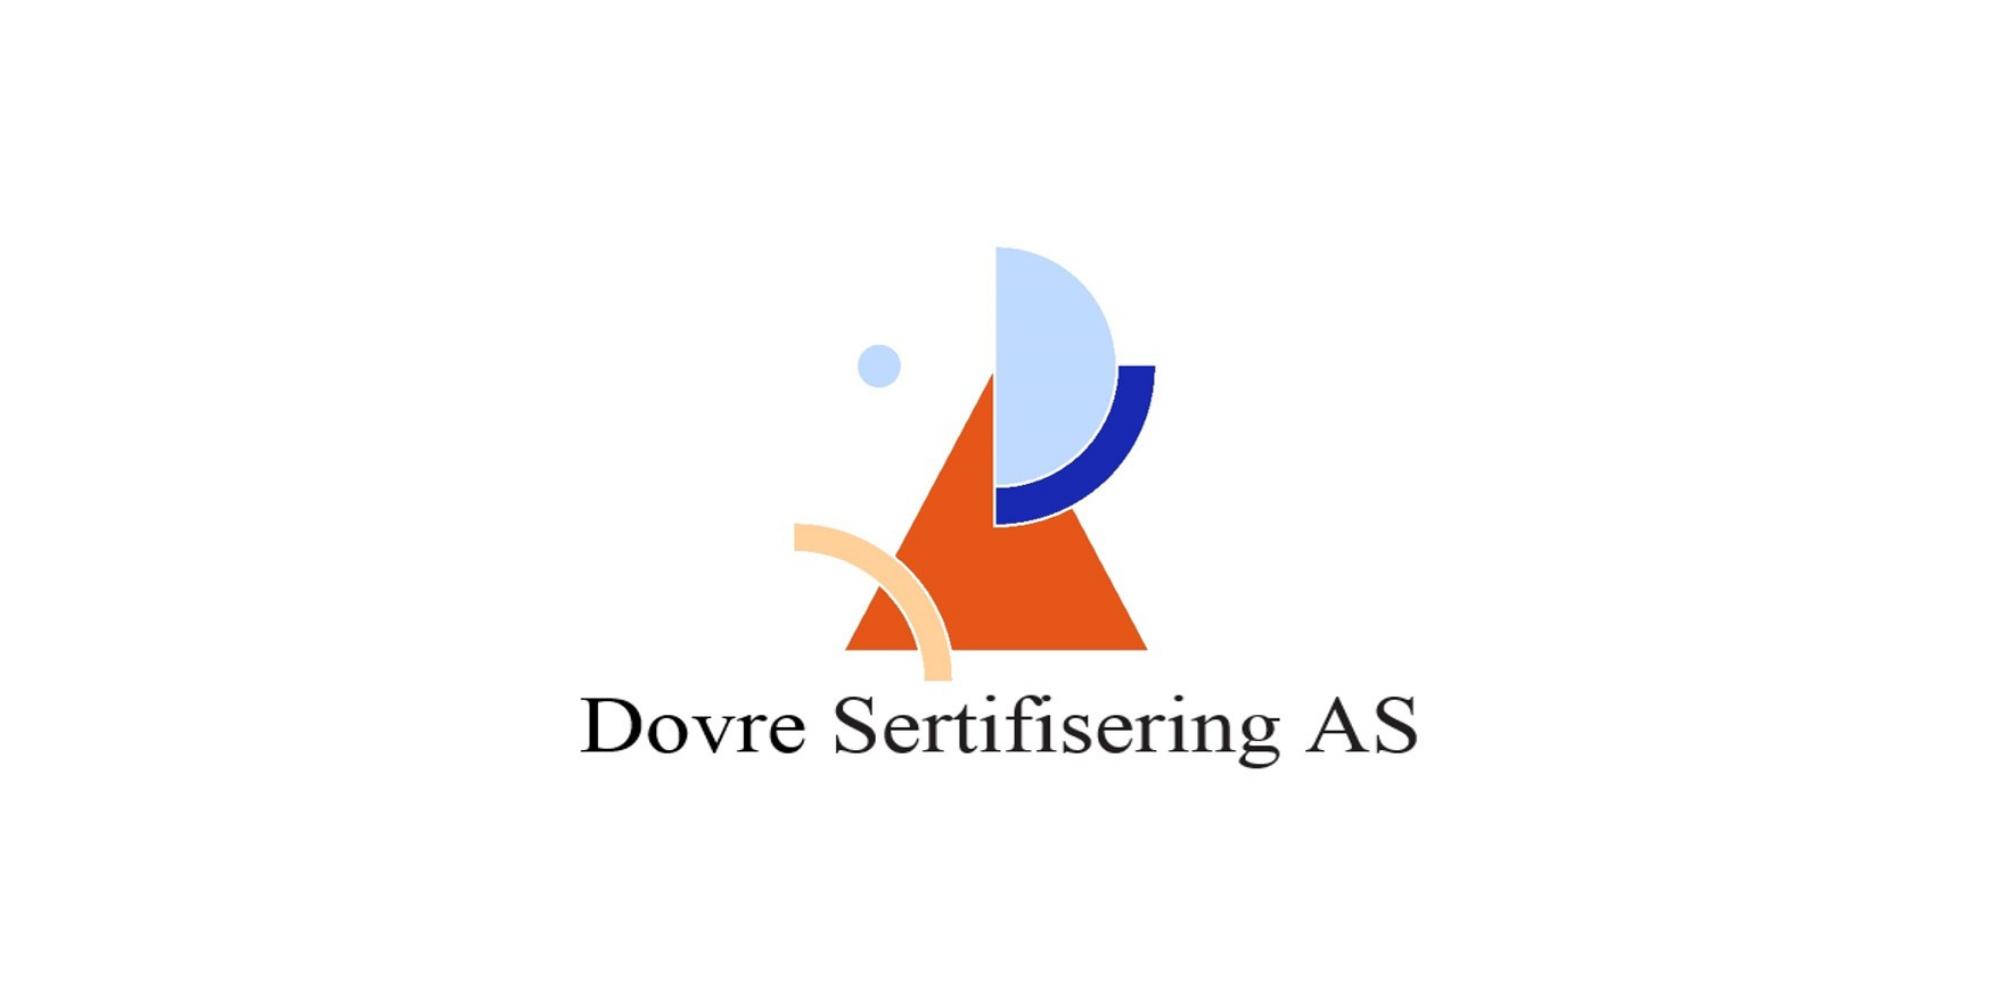 Dovre Sertifisering AS